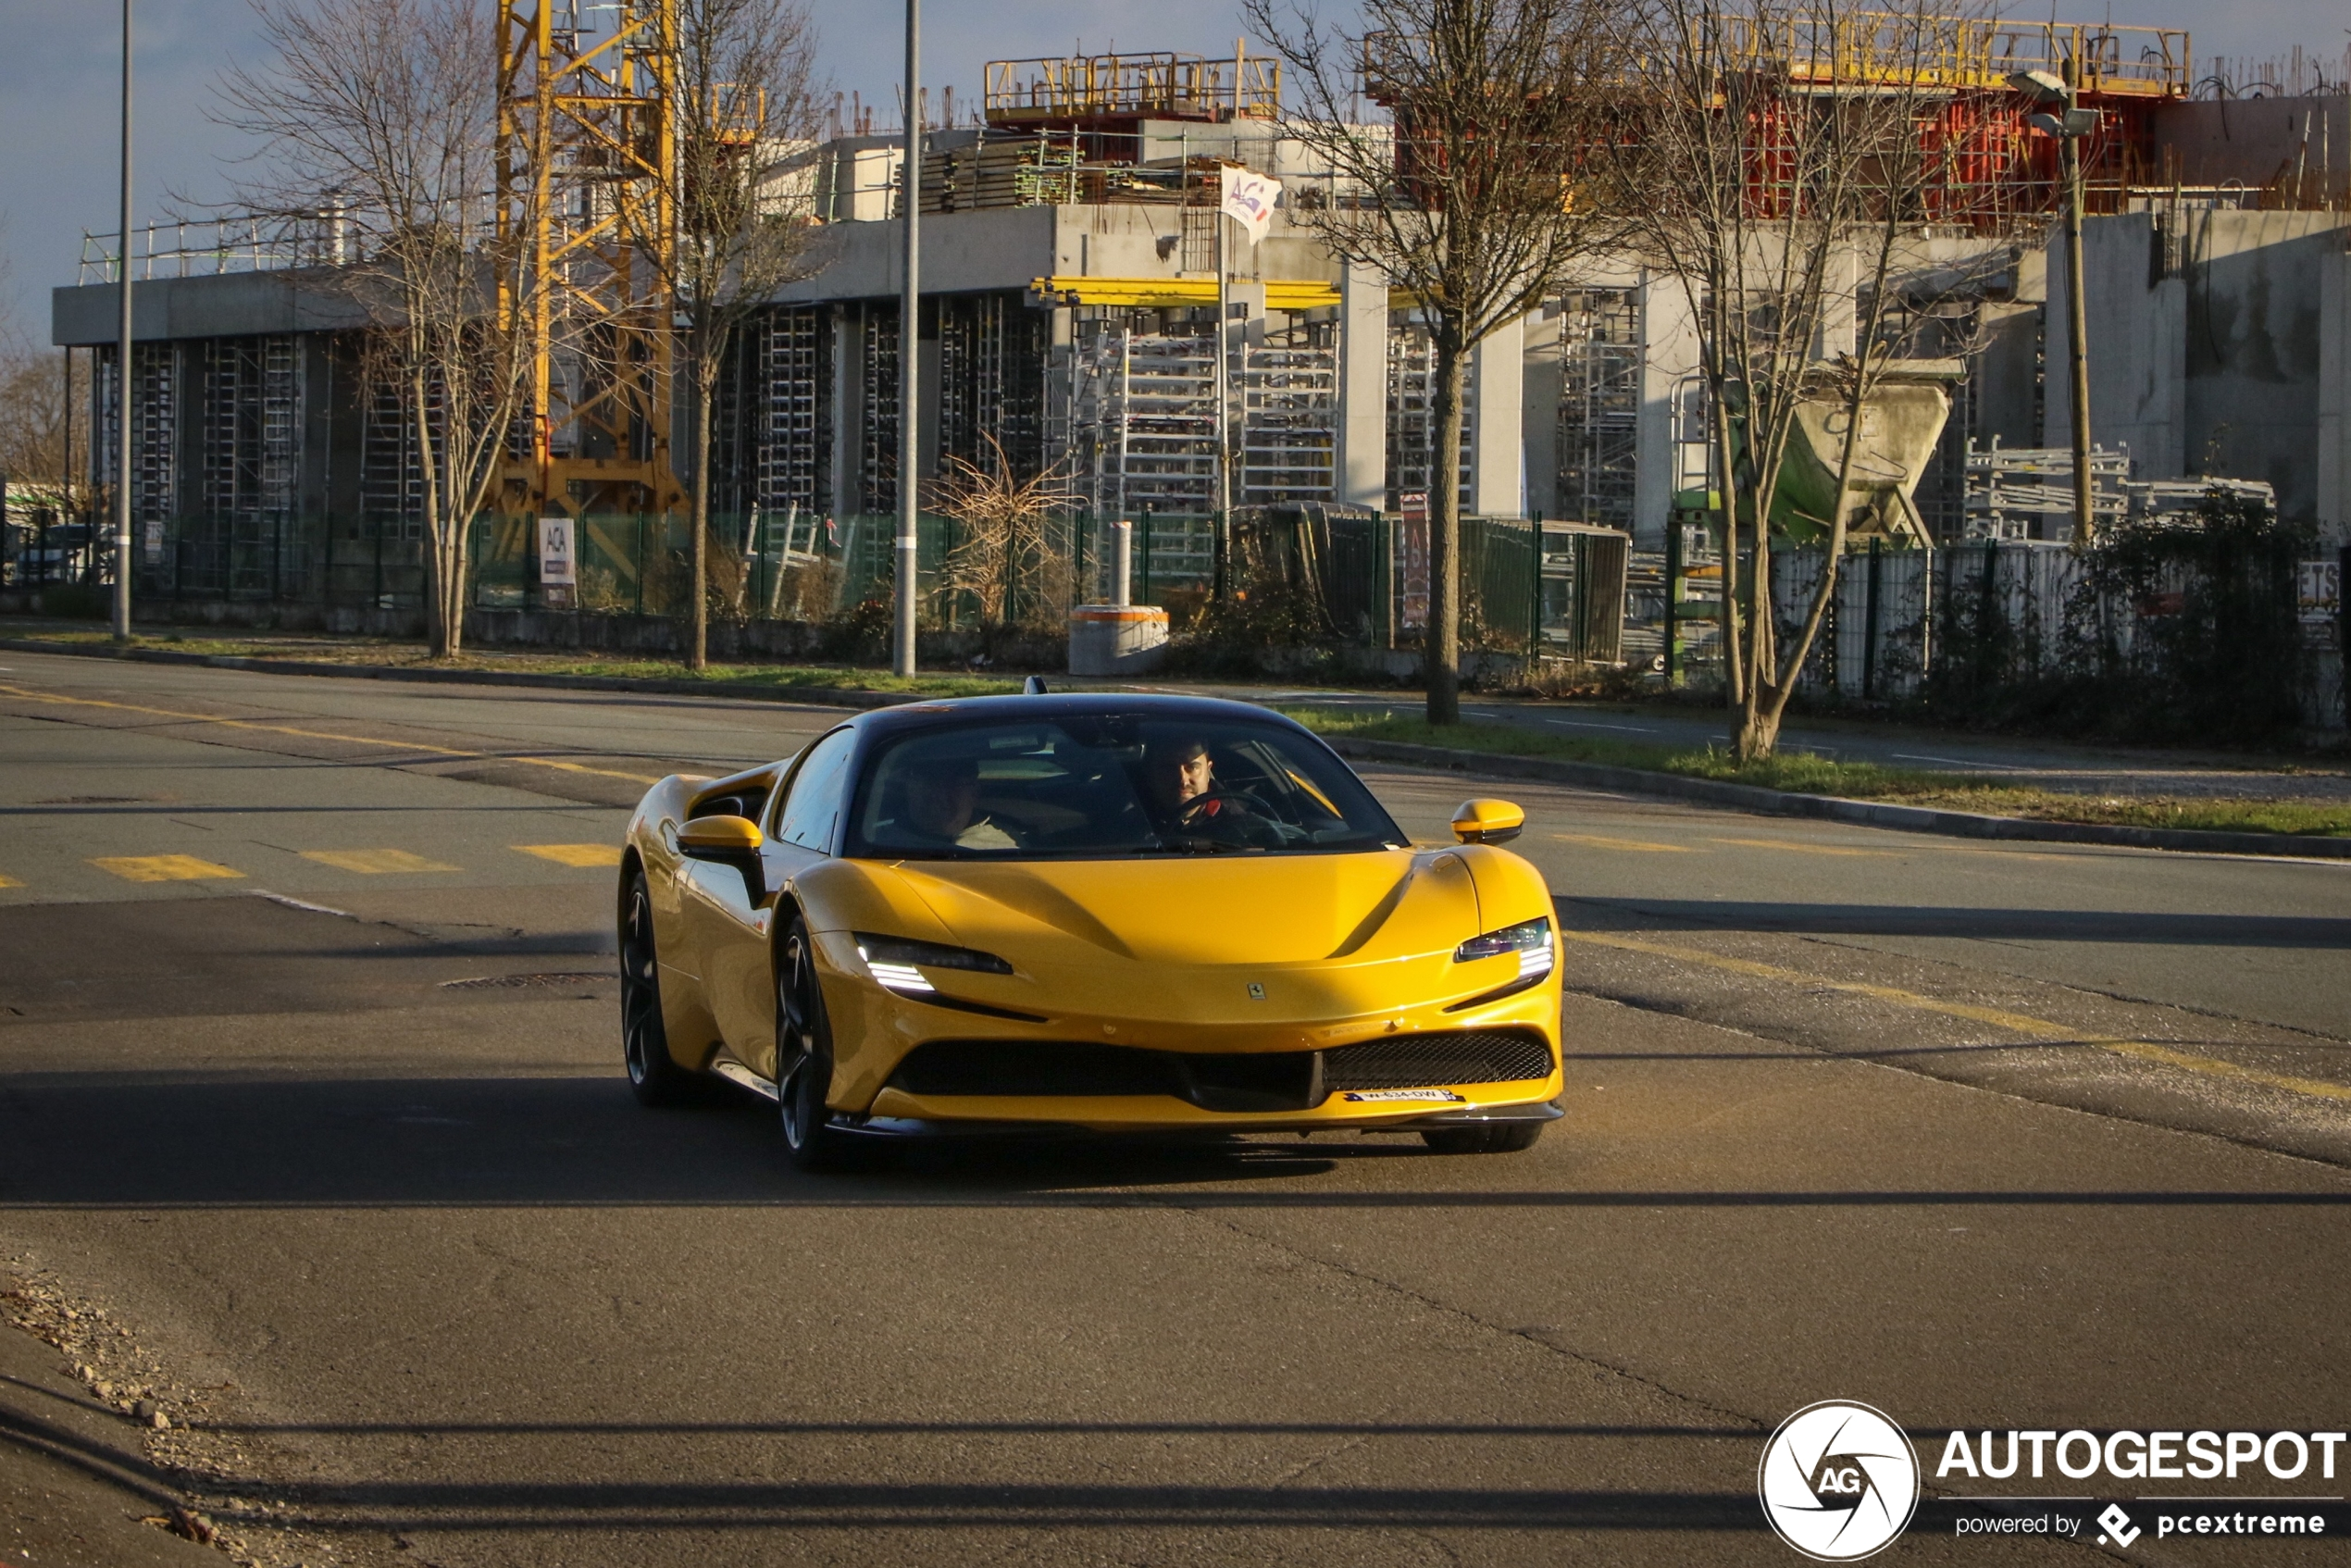 Ferrari's SF90 Stradale verschijnt steeds meer